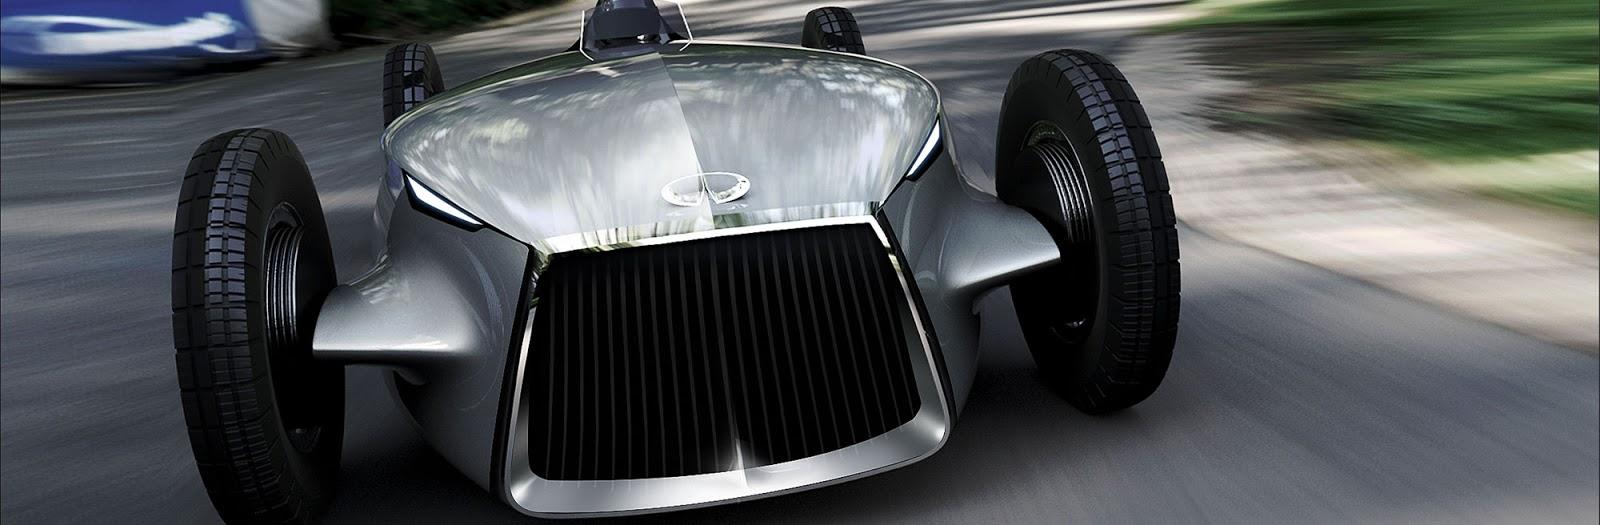 Infiniti Prototype 9 rendering, front view